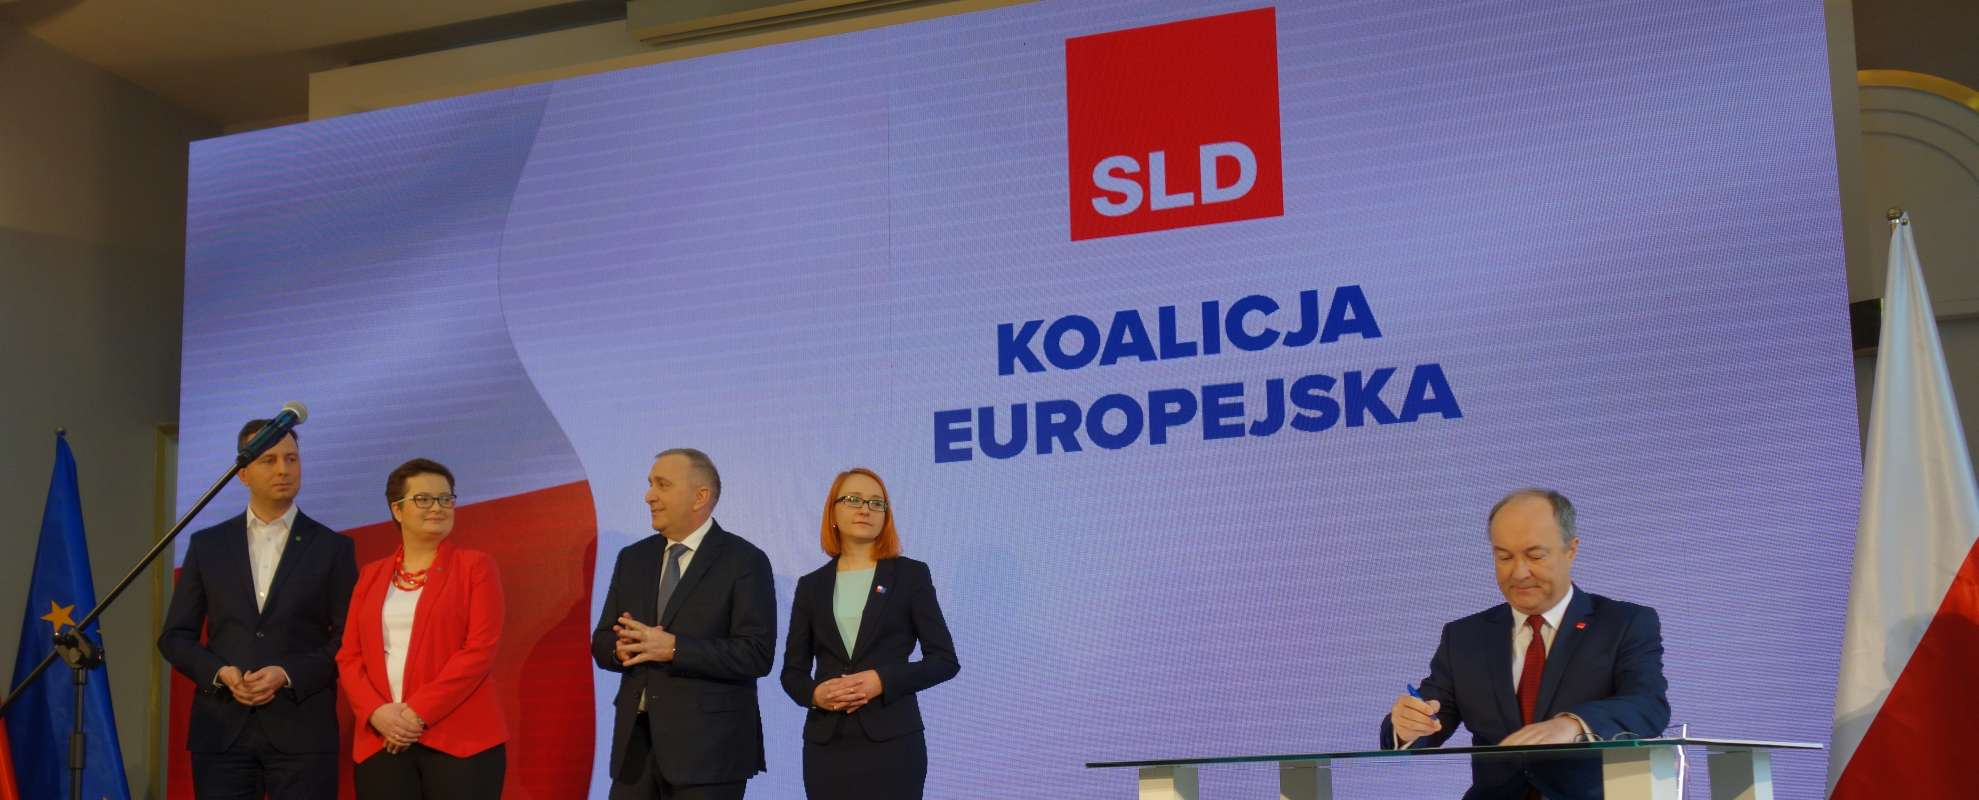 fot. sld.org.pl